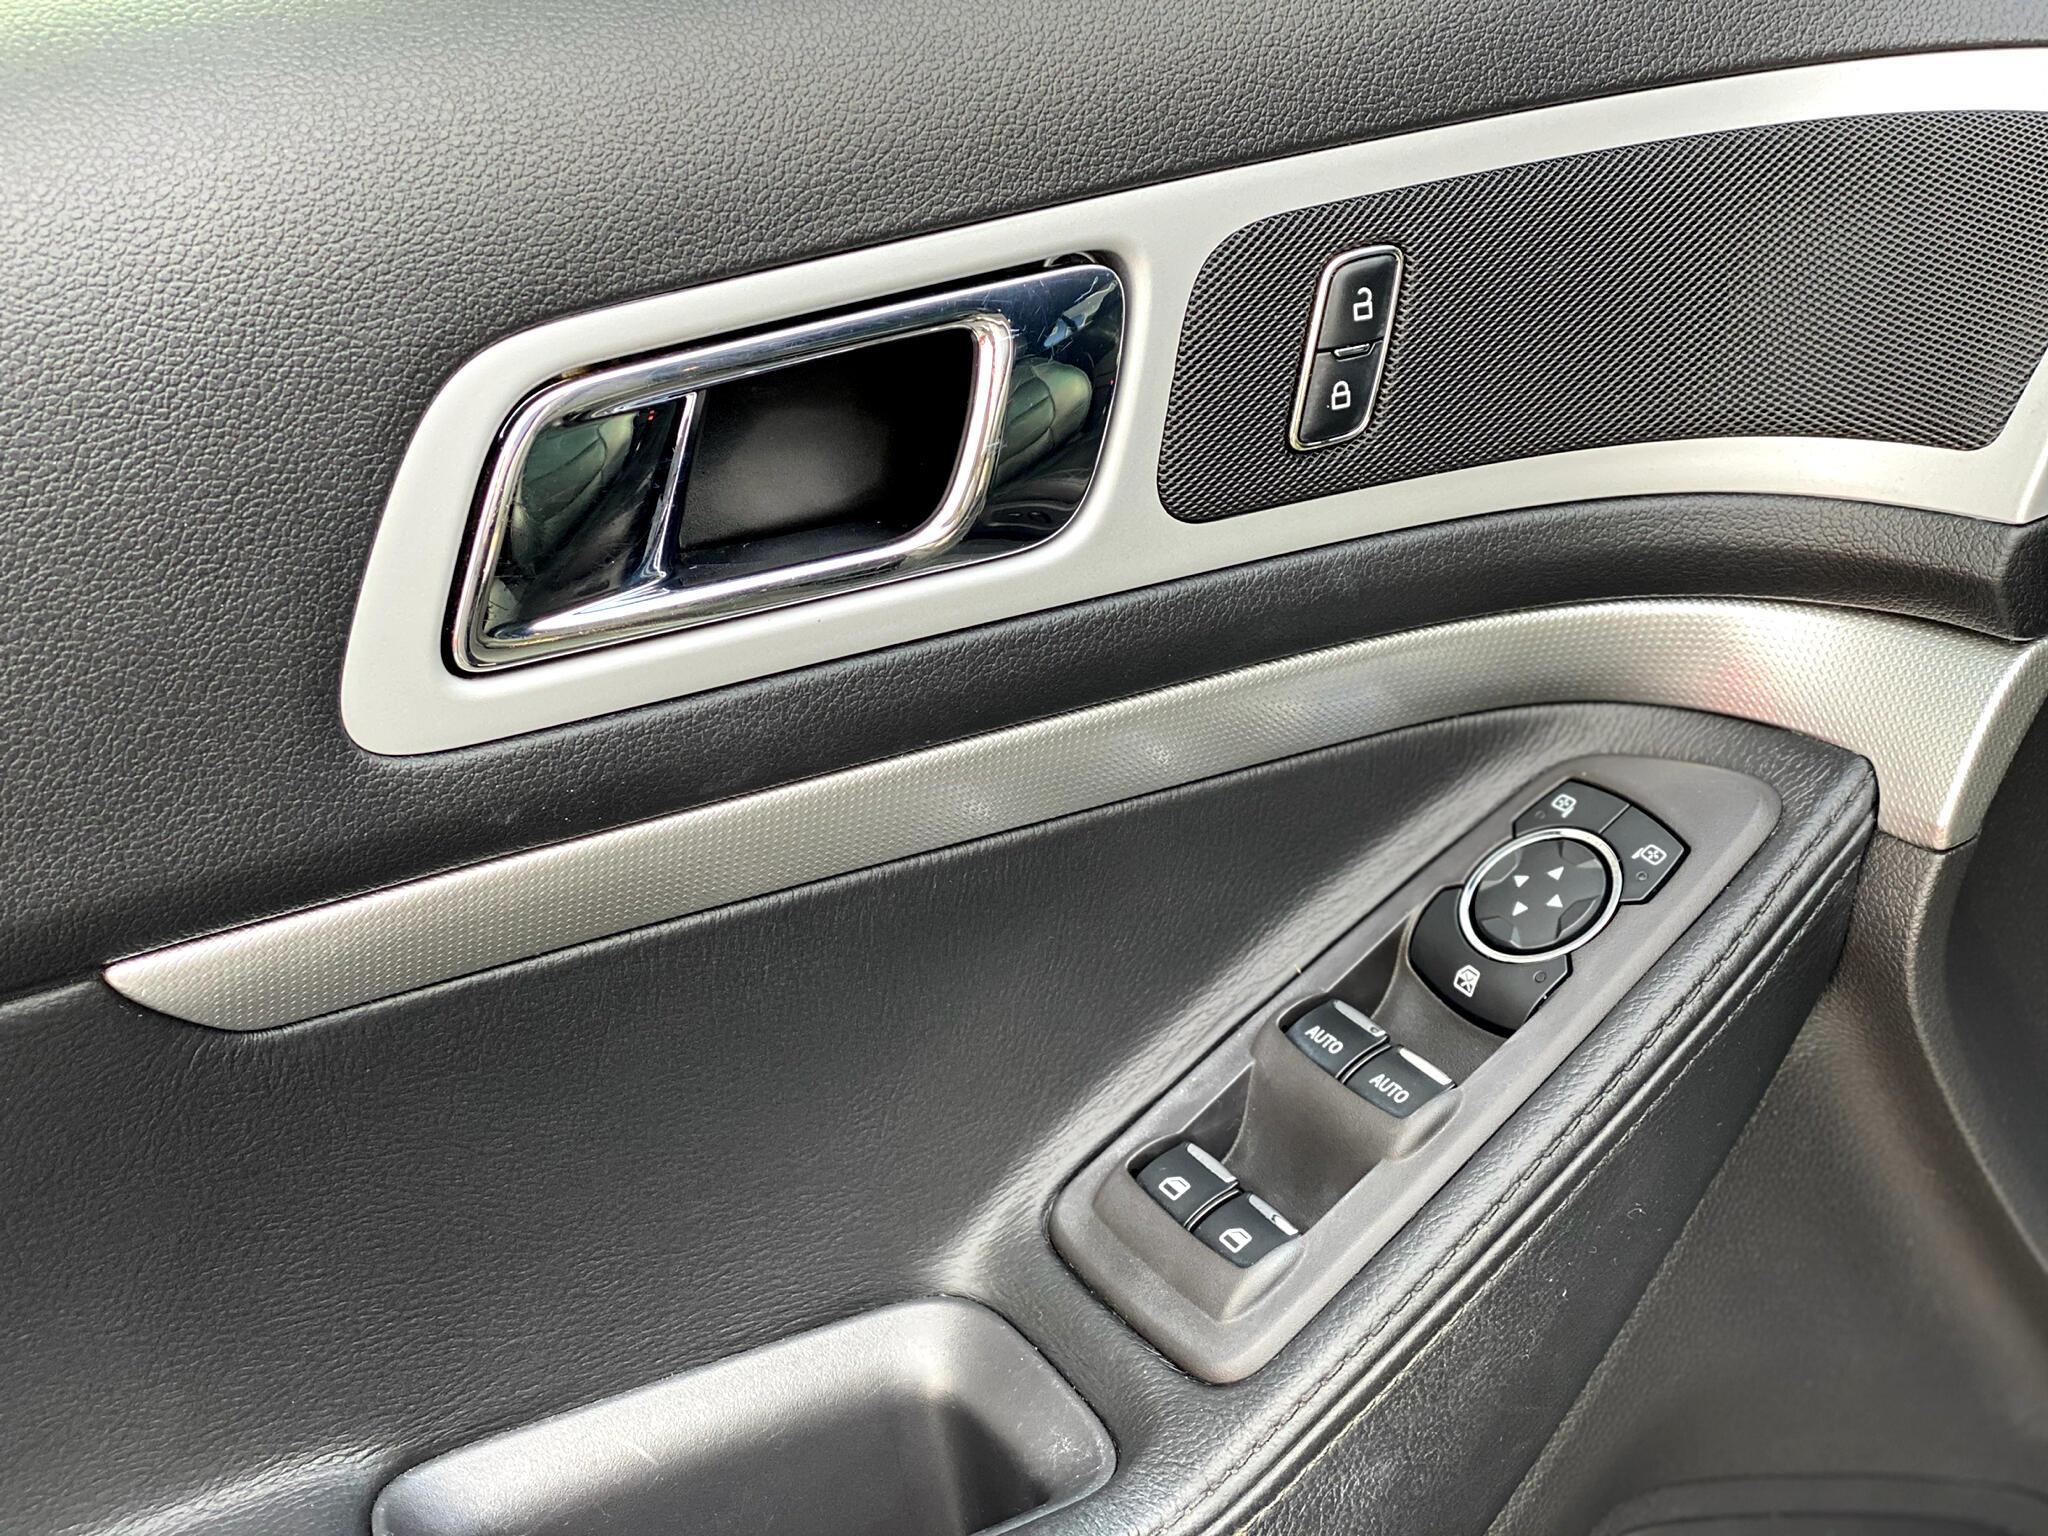 2013 Ford Explorer FWD 4dr XLT